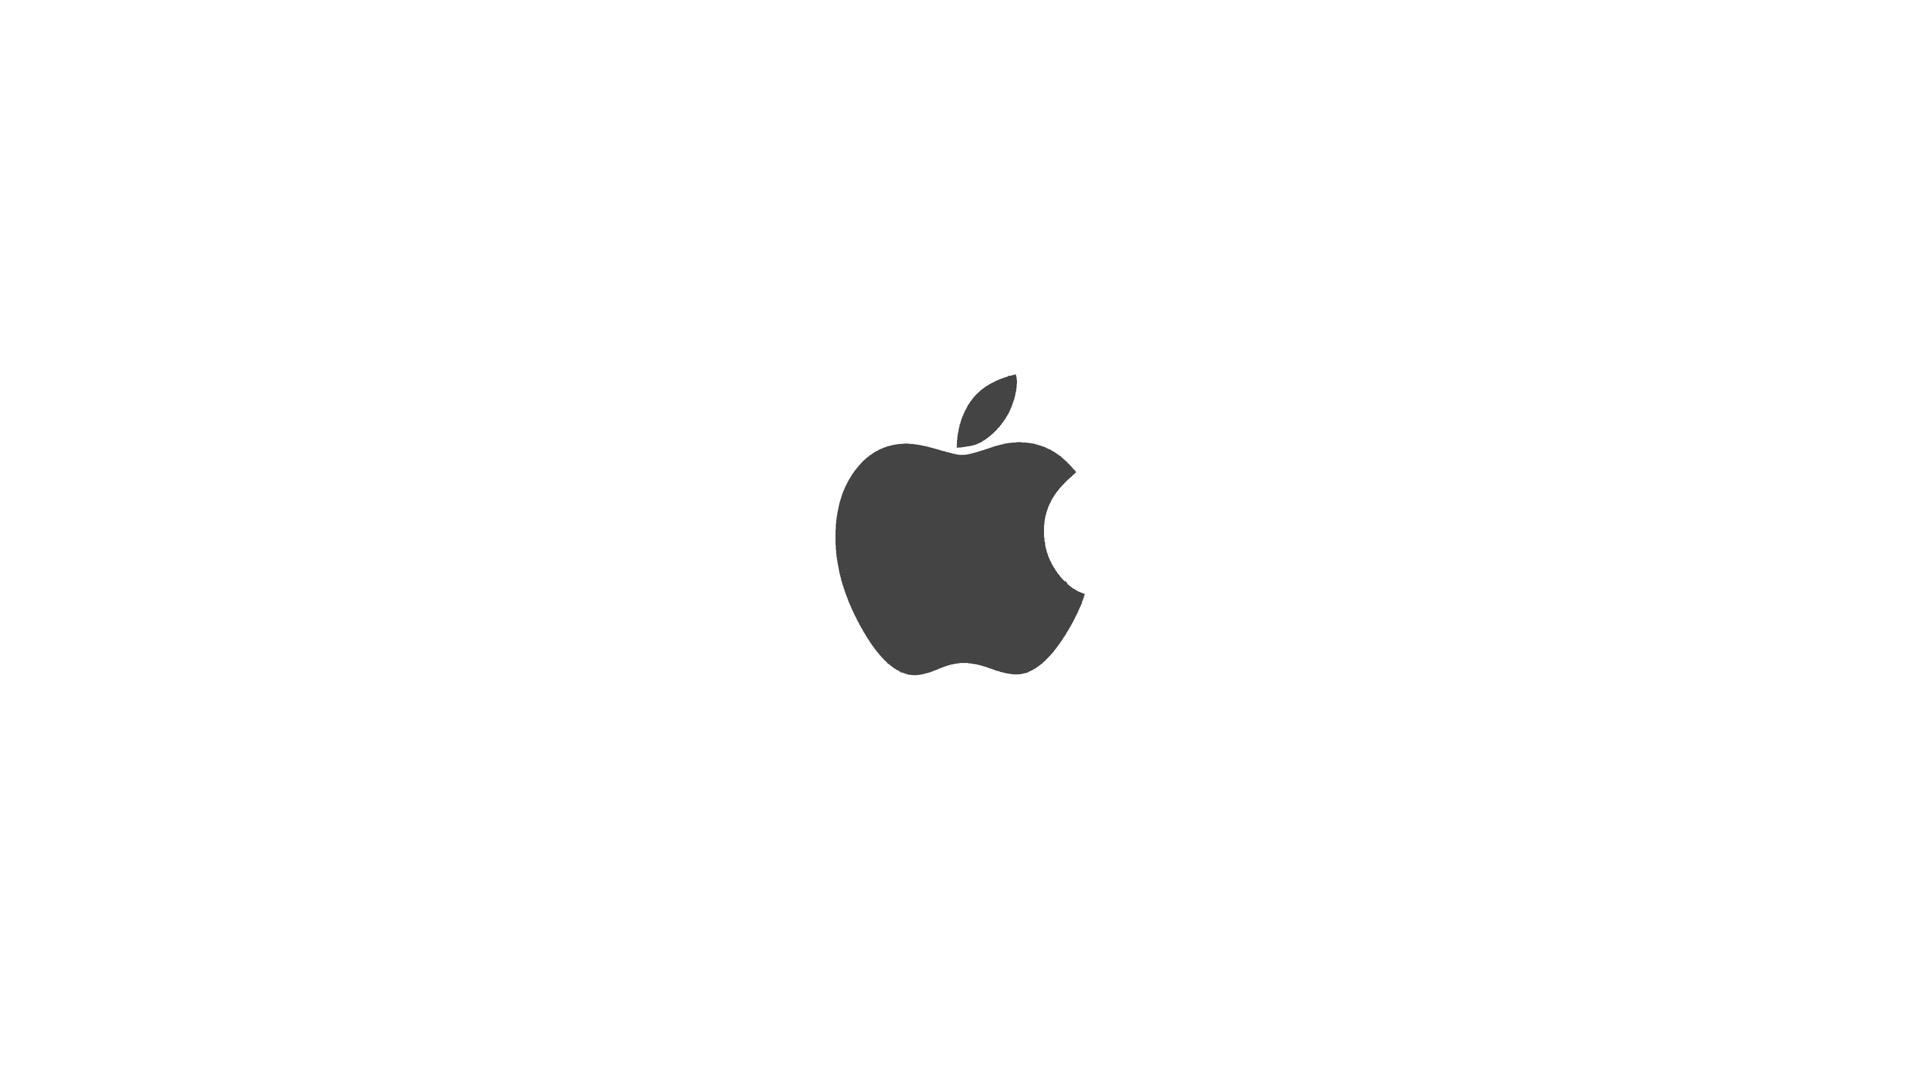 apple logo white on black. aandappleblackblack and whitelogowhite. desktop mac 5k wallpaper apple logo white on black